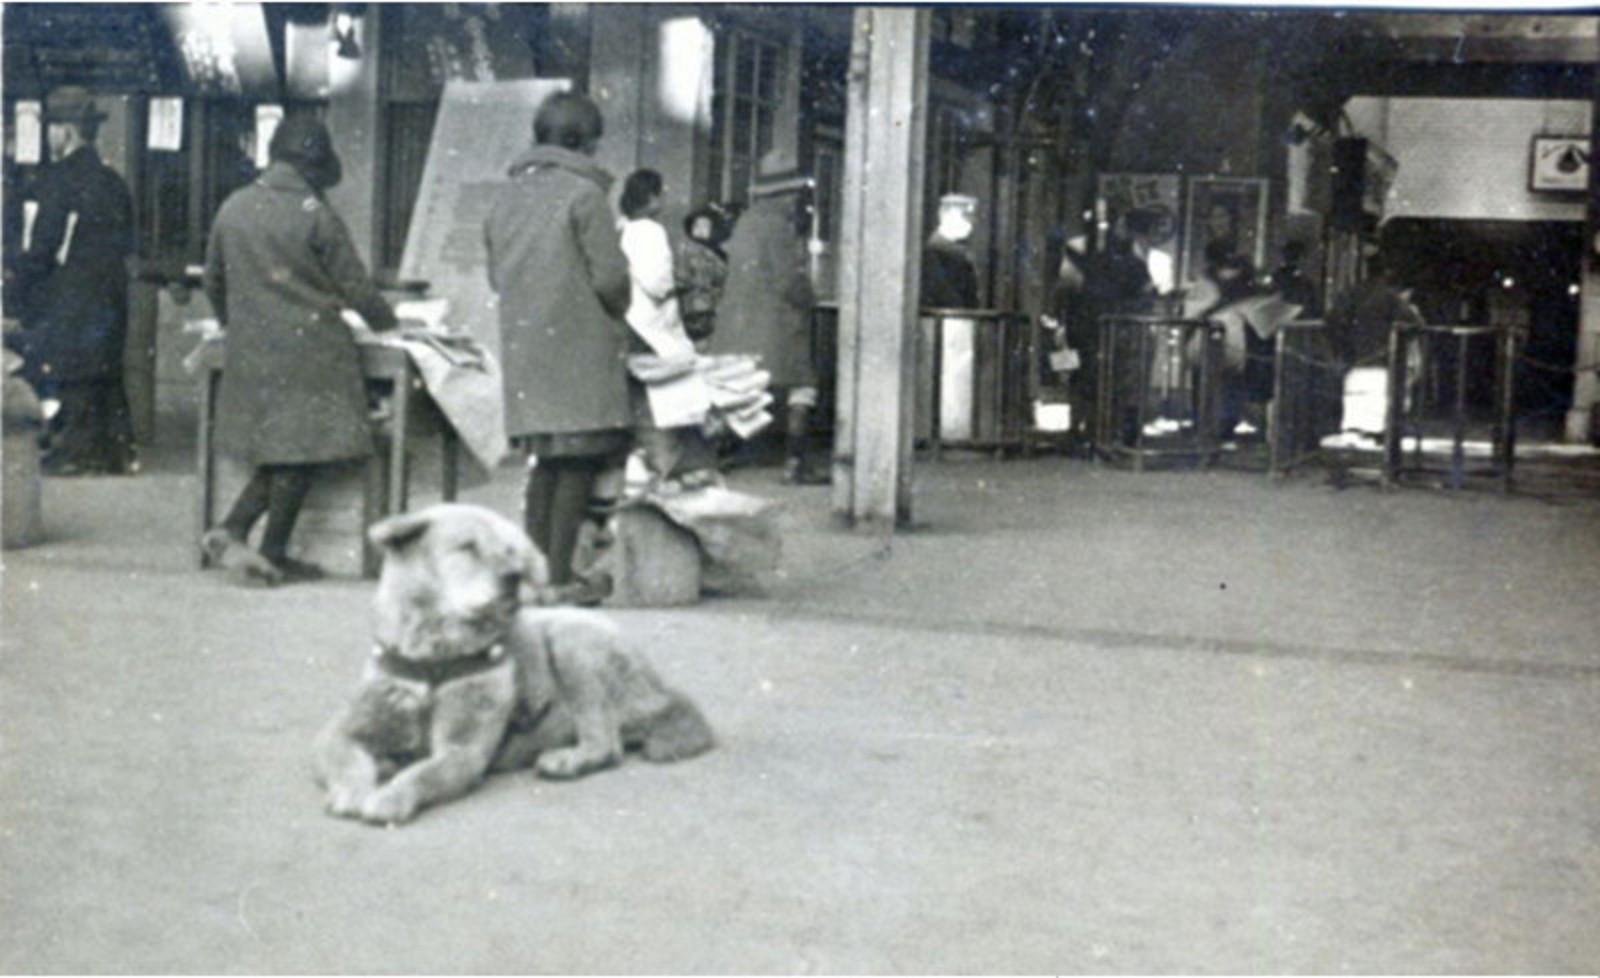 Sur cette photo datant de 1934, Hachikô est couché devant la gare de Shibuya à proximité de passants qui ne lui prêtent pas attention.